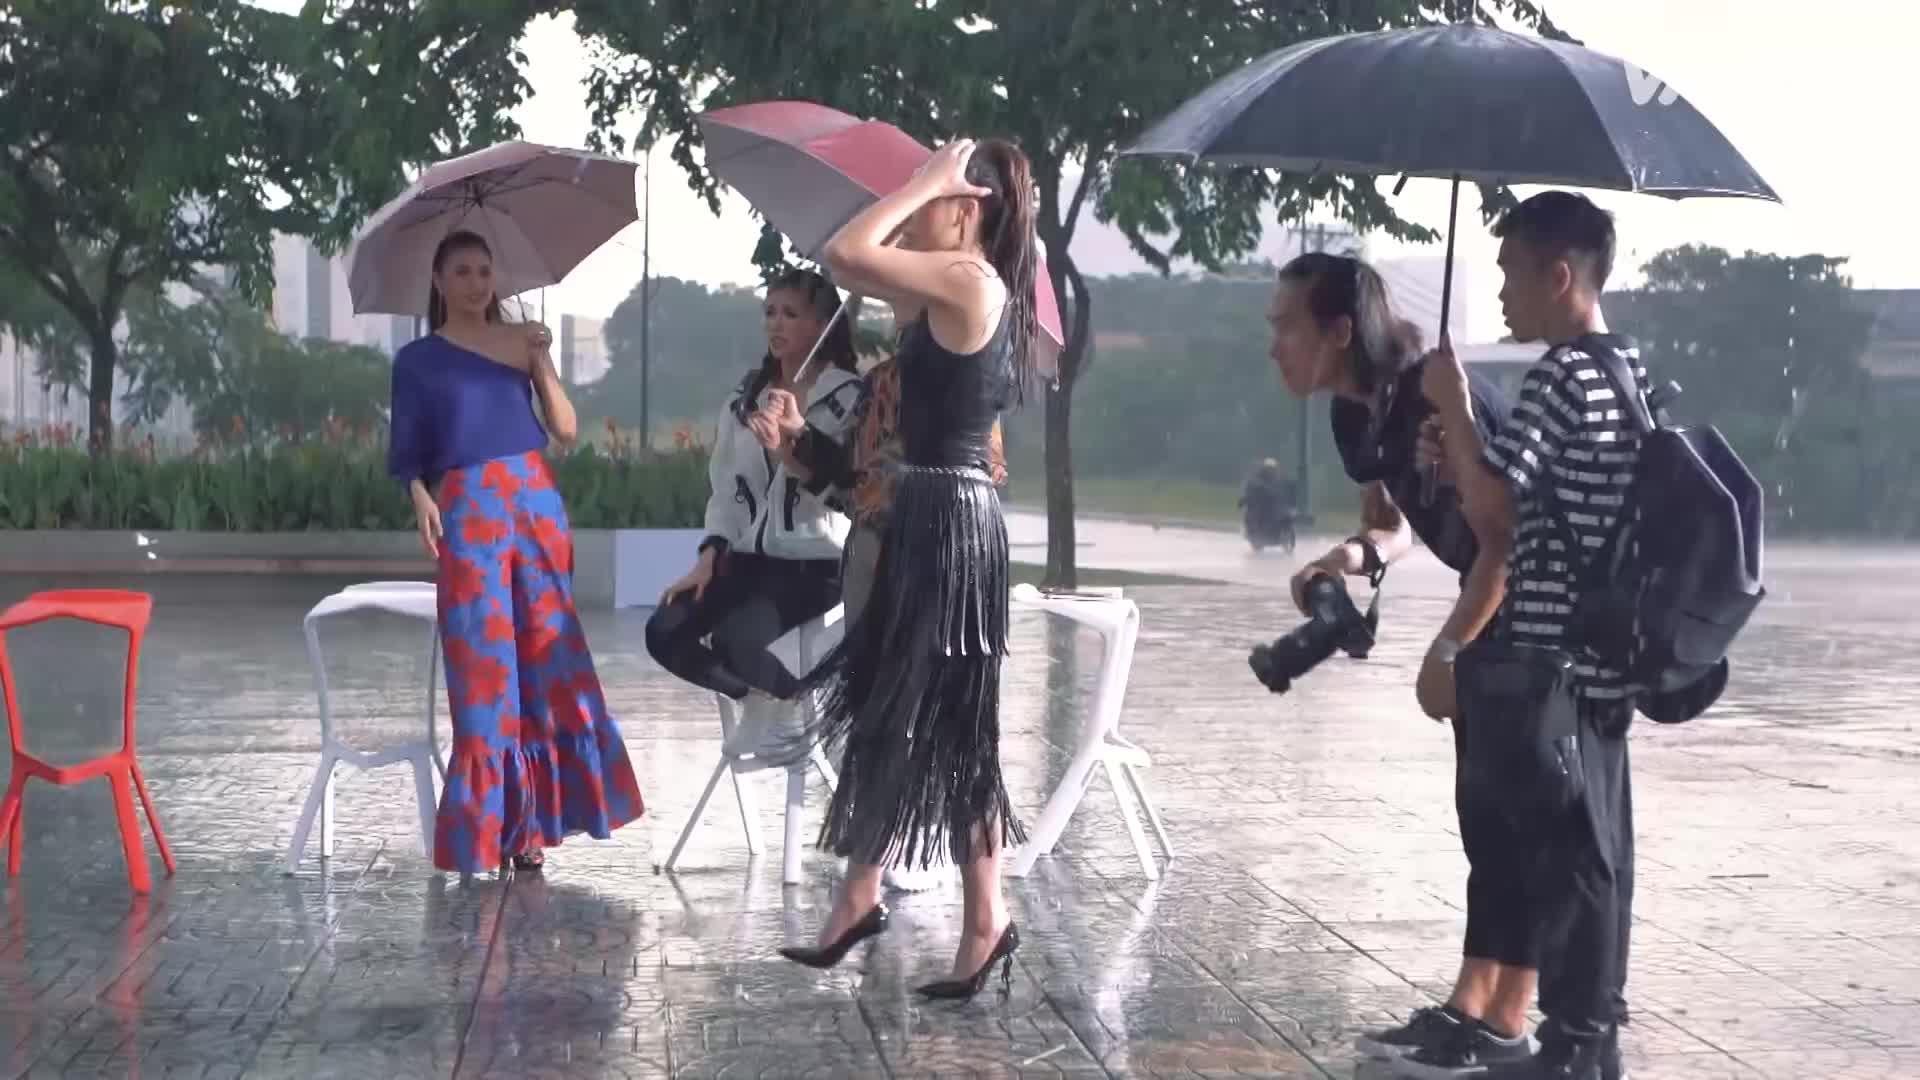 Trước giờ lên sóng: The Look sao lại có cả mỹ nam Thiên Minh lẫn Giang Hồng Ngọc, Mai Tiến Dũng thế này?